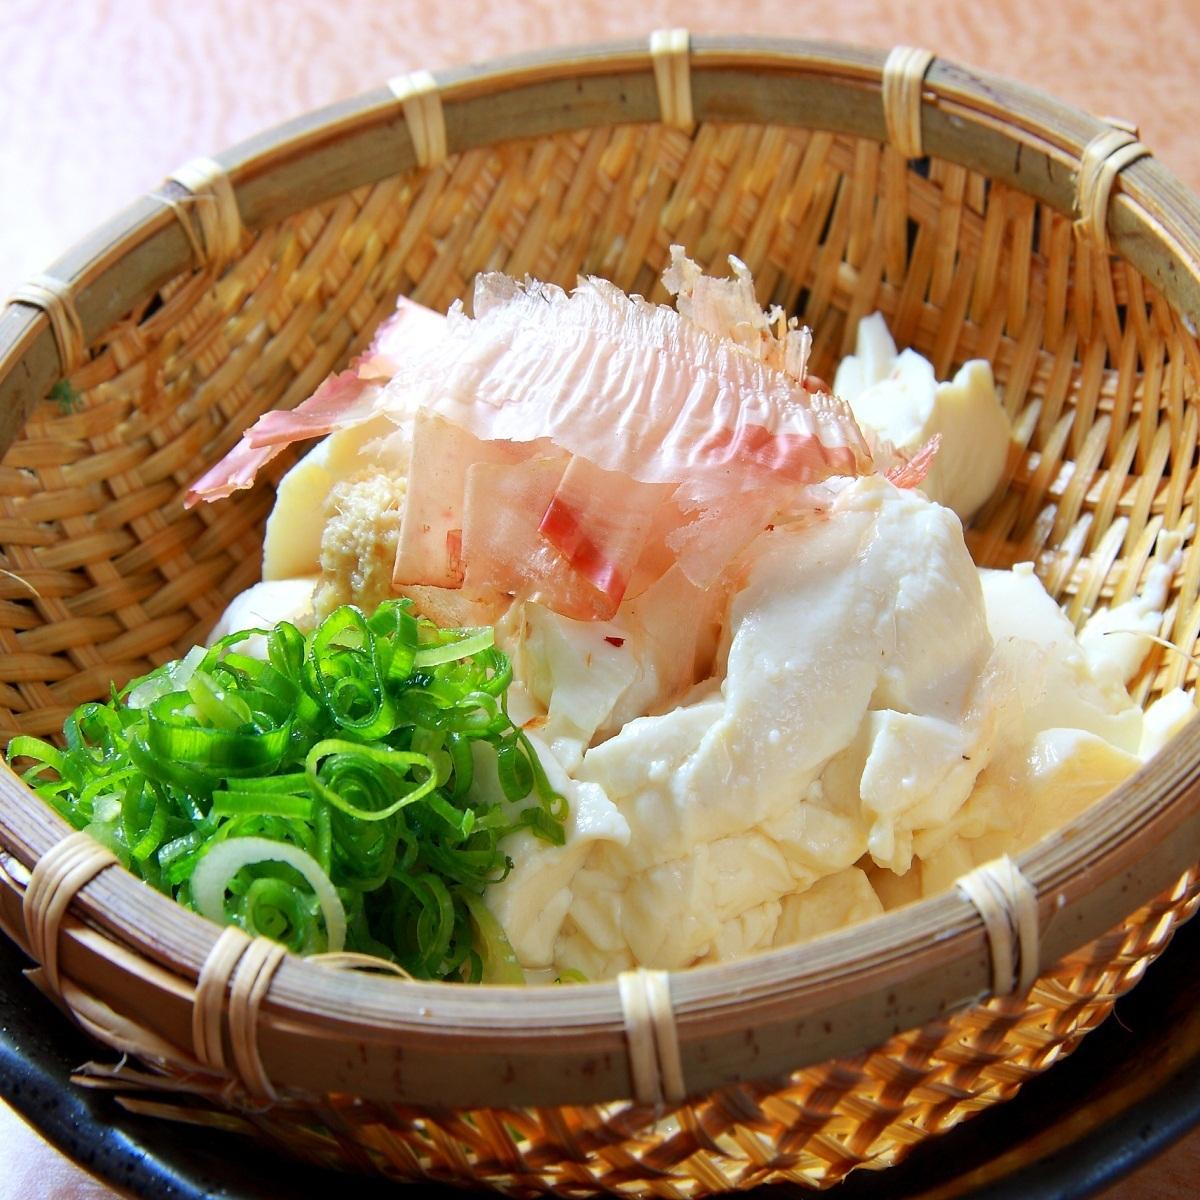 冷冻/泡菜/什锦泡菜/牛肉嫩橙